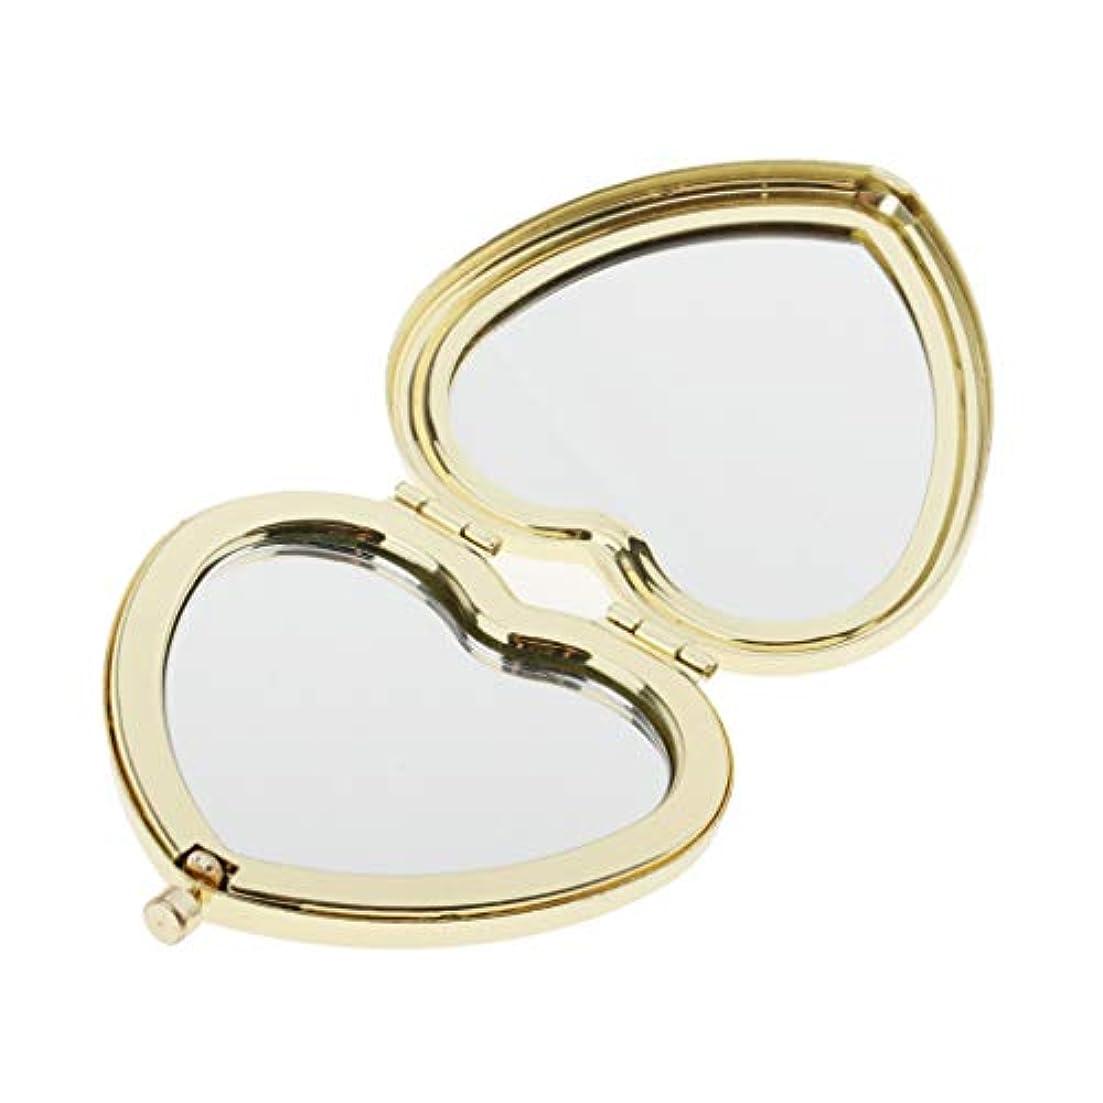 比喩精神的に火薬SM SunniMix 携帯ミラー コンパクミラー かわいい ハート型 ポケッミラー ハンドミラー 手鏡 化粧鏡 折り畳み式 全4色 - ゴールデン